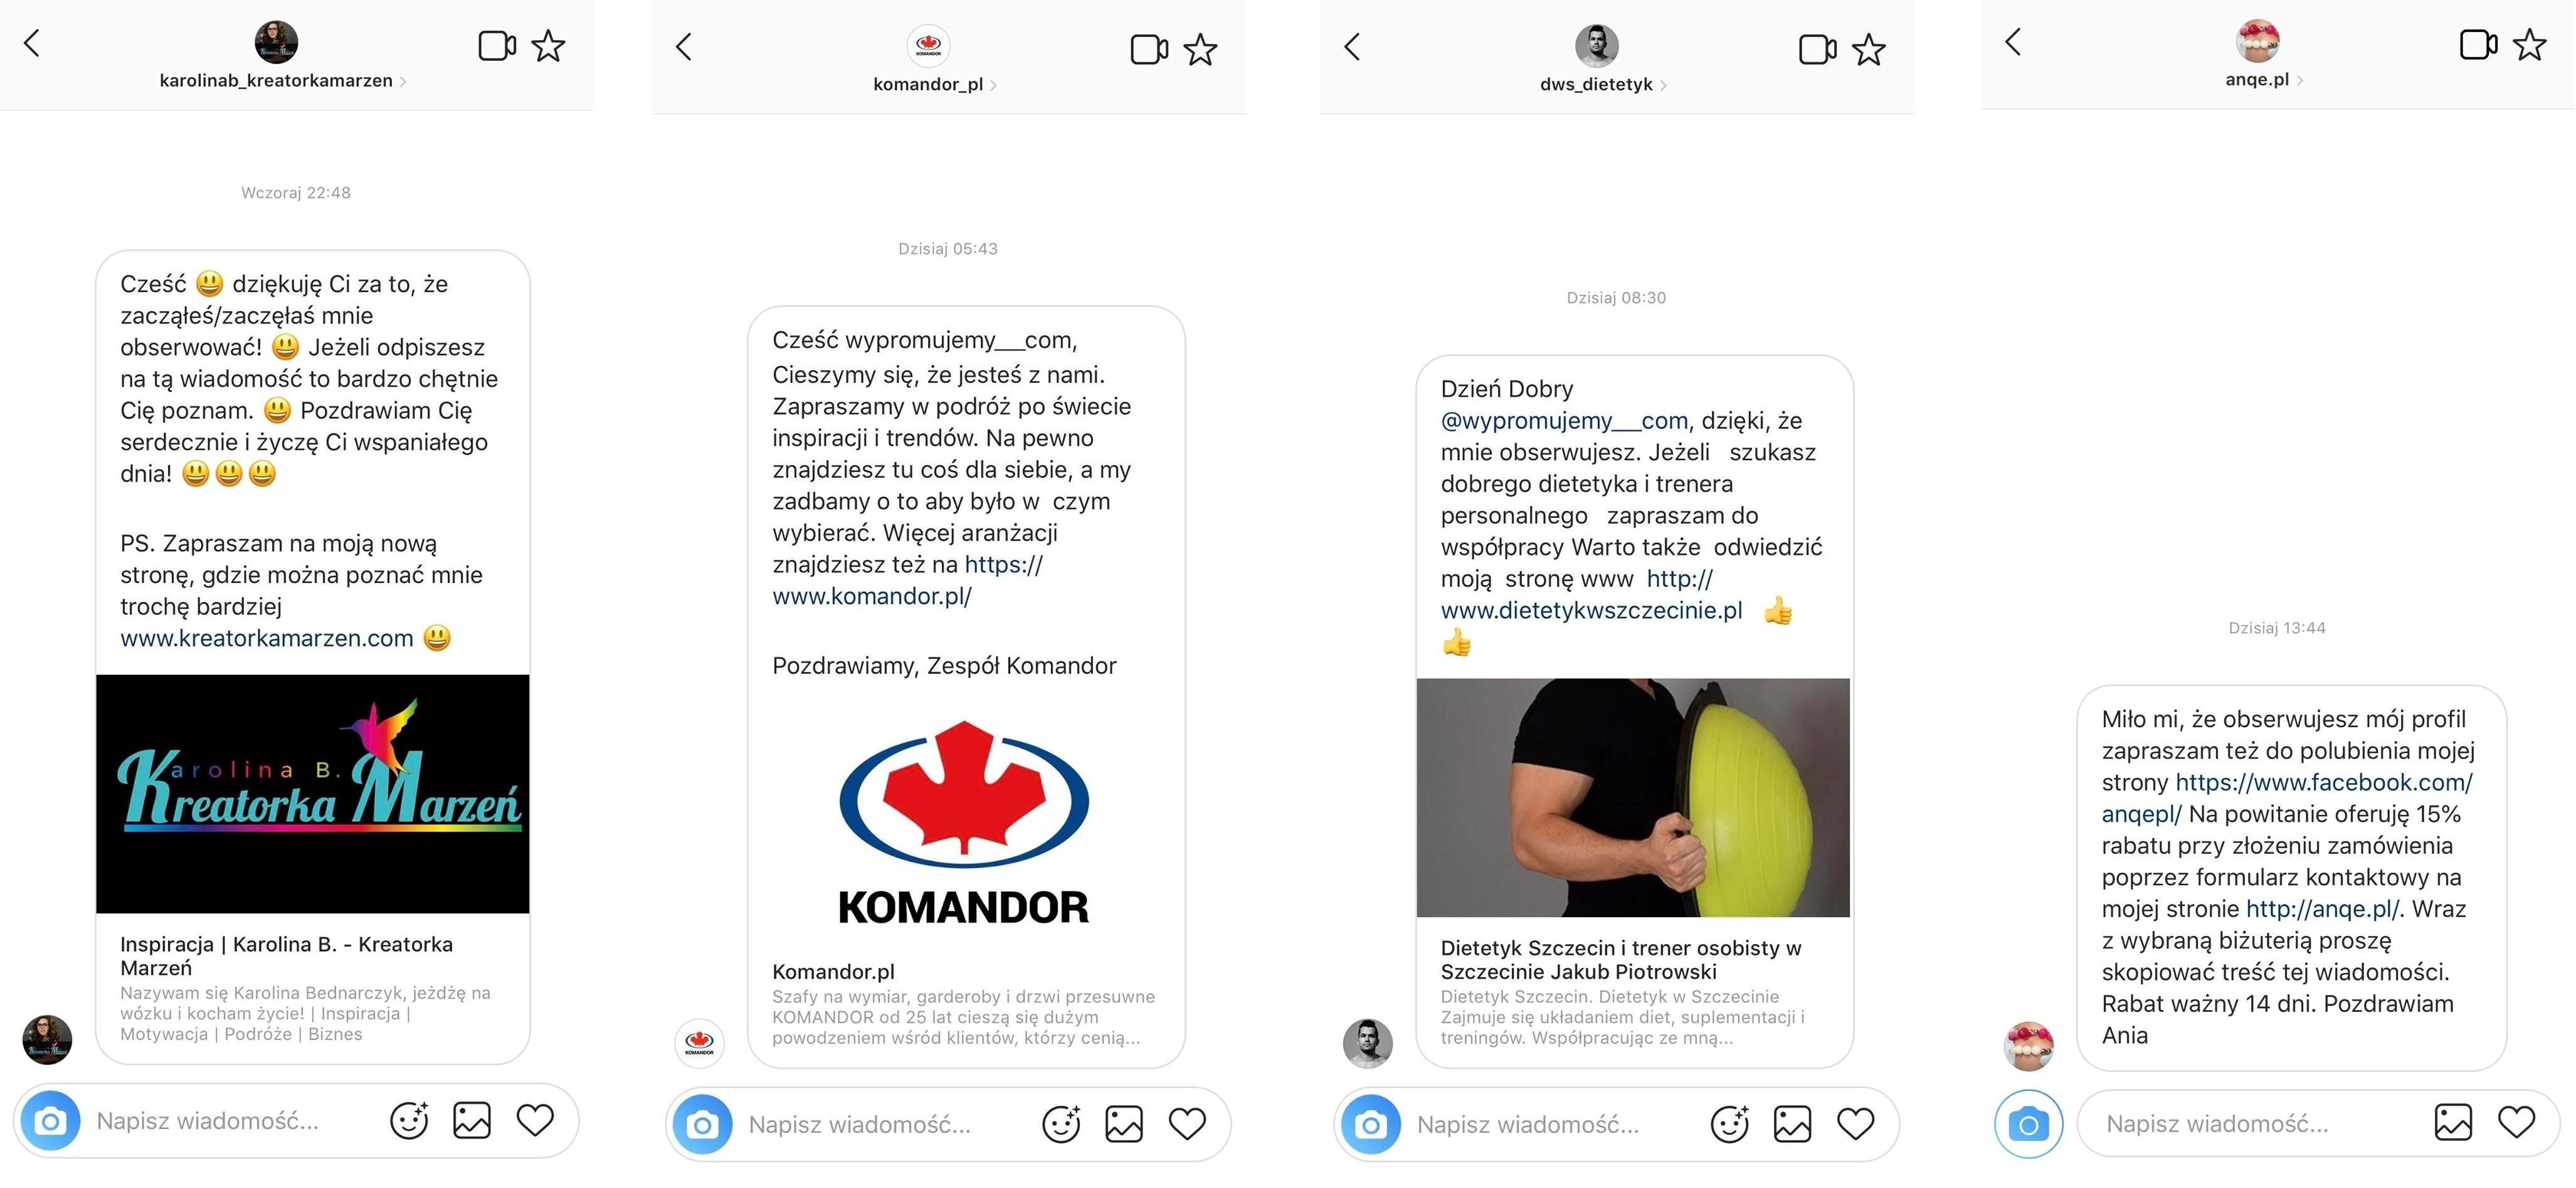 wiadomosci-powitalne-instagram-przyklady1